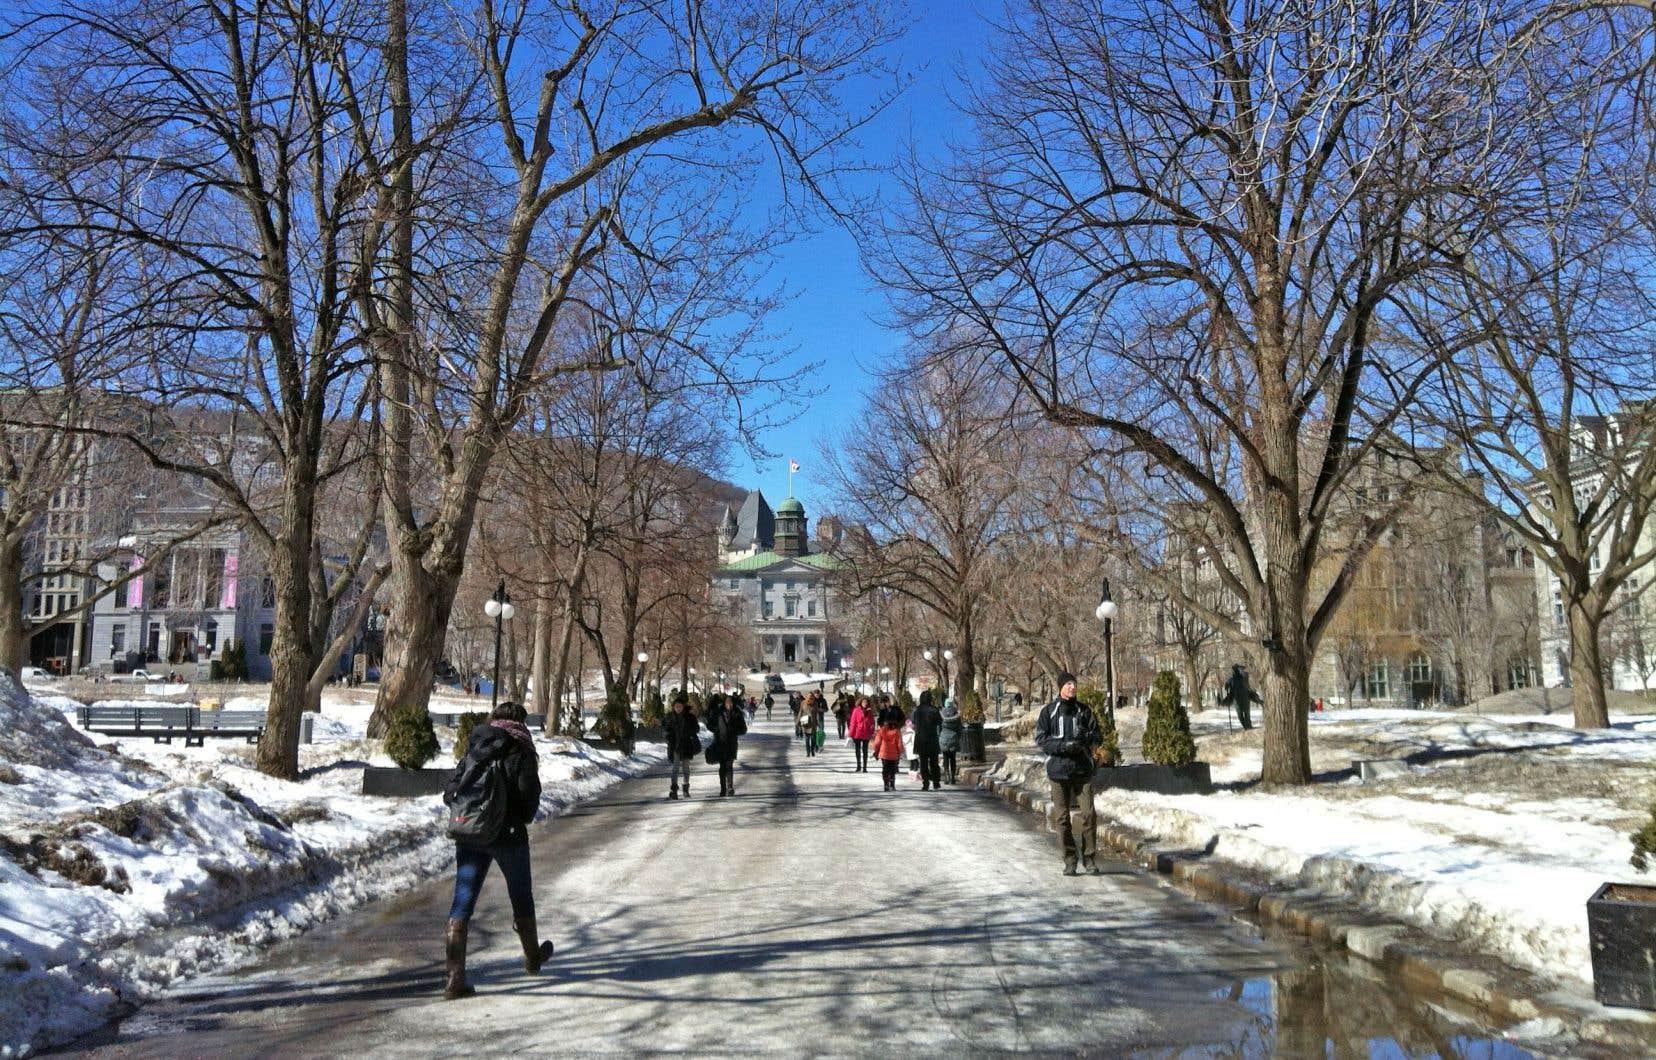 L'auteur s'est attiré des critiques de la part de collègues universitaires après avoir remis en question une procédure d'admission basée sur des critères démographiques à McGill.